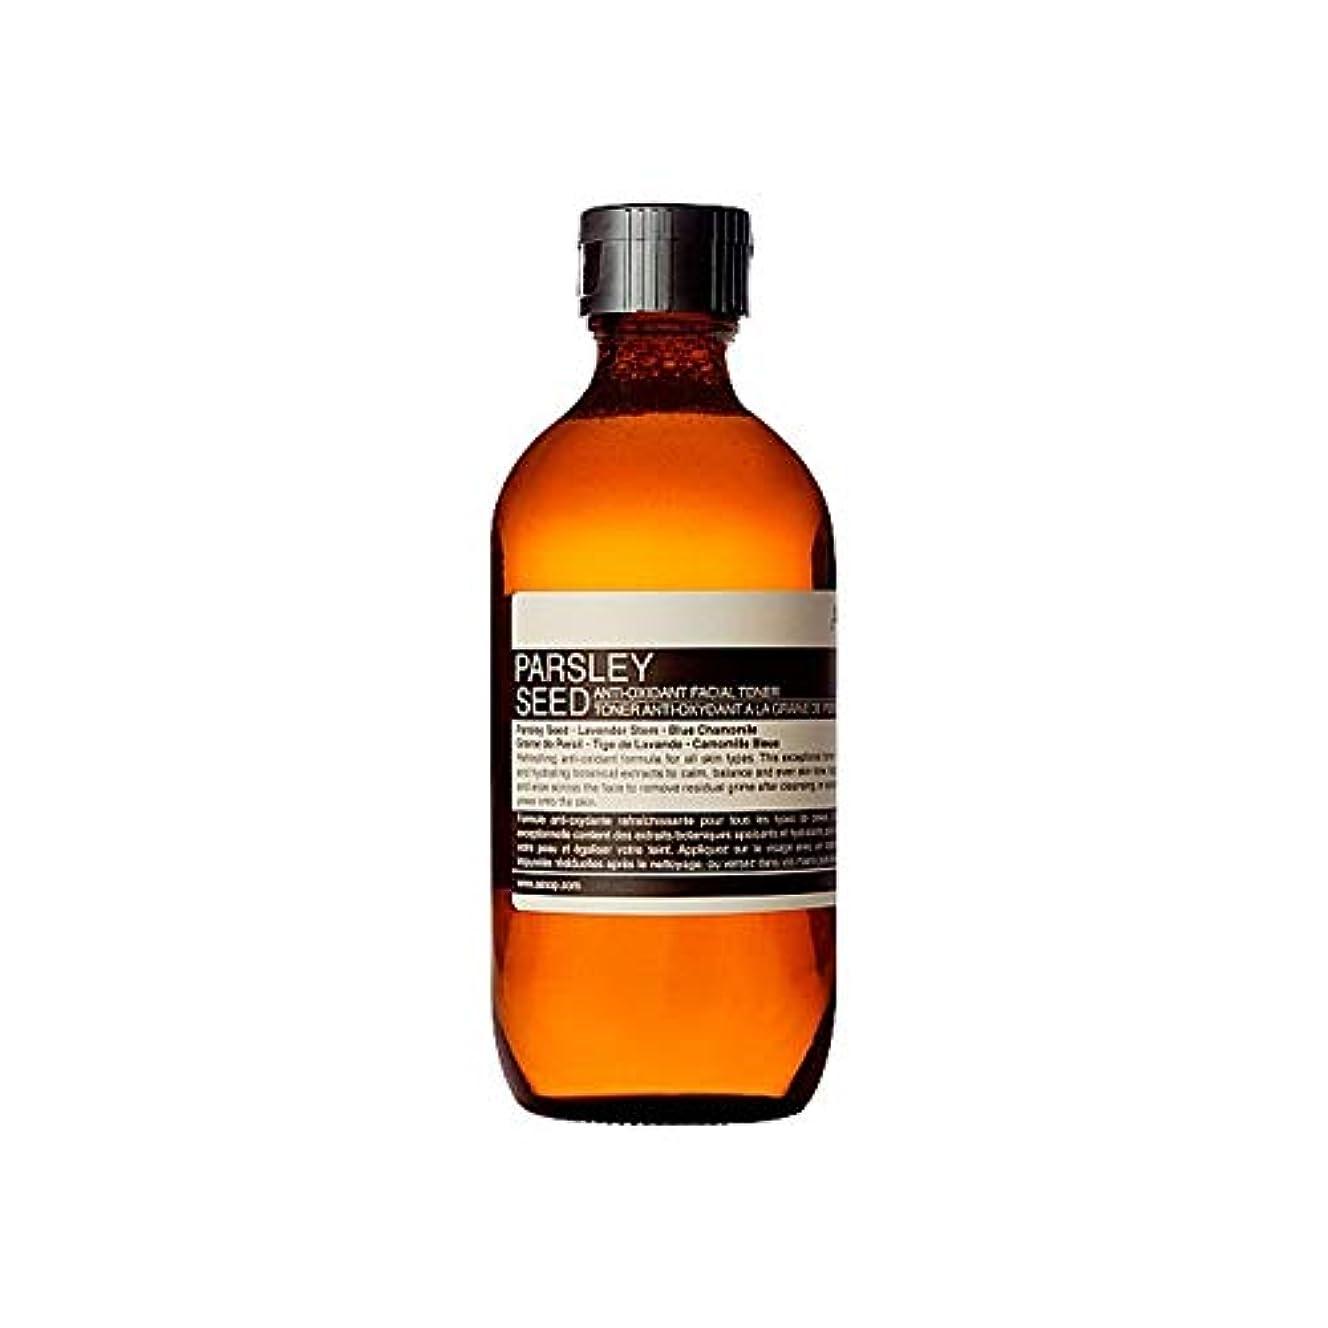 付録過去亡命[Aesop] イソップのパセリシード抗酸化フェイシャルトナー200ミリリットル - Aesop Parsley Seed Antioxidant Facial Toner 200ml [並行輸入品]